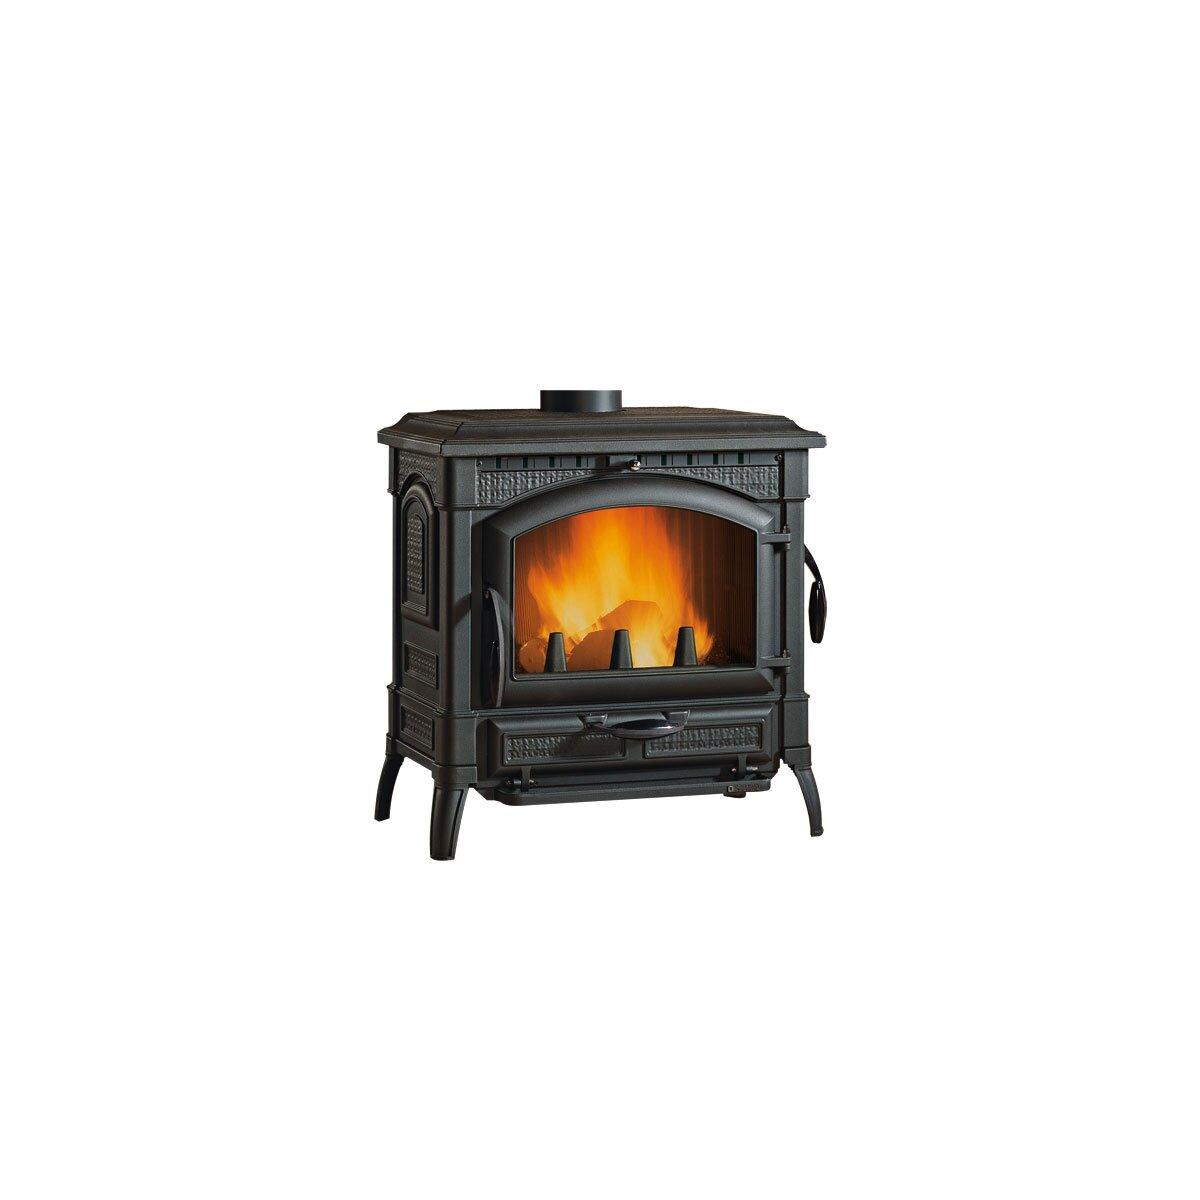 kaminofen gussofen la nordica isotta evo kaufen feuer fuchs von la nordica s p a. Black Bedroom Furniture Sets. Home Design Ideas